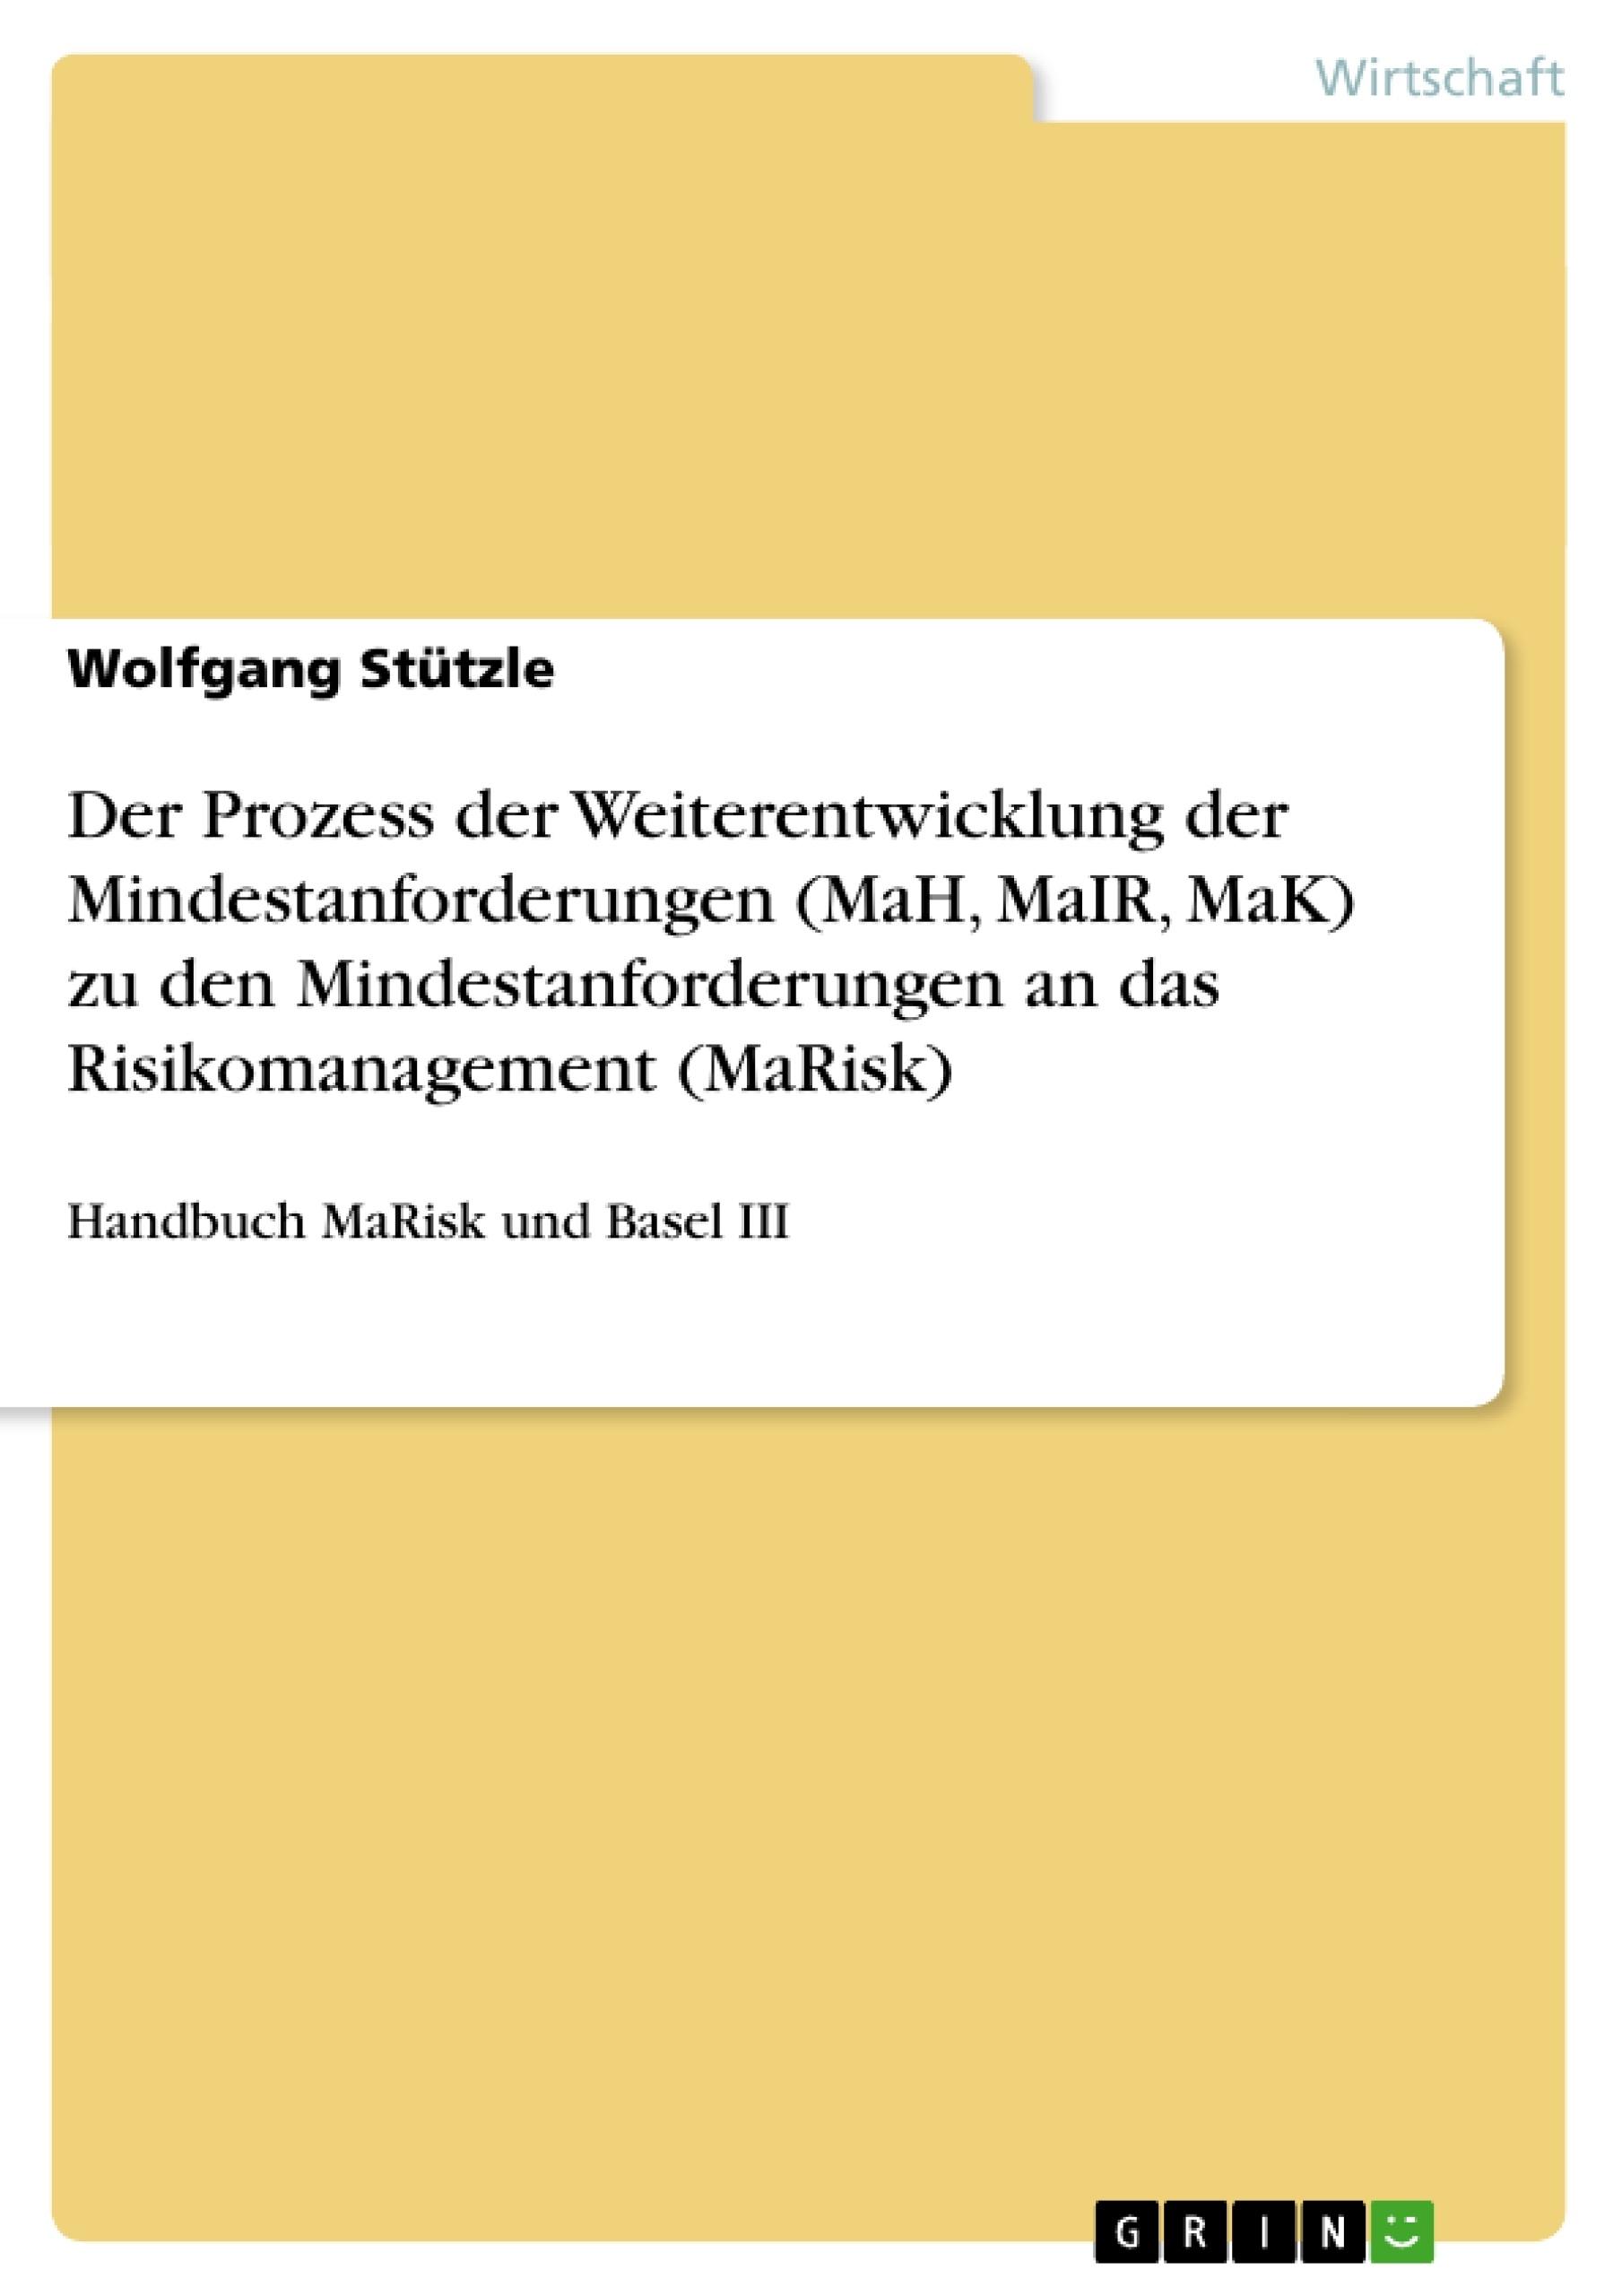 Titel: Der Prozess der Weiterentwicklung der Mindestanforderungen (MaH, MaIR, MaK) zu den Mindestanforderungen an das Risikomanagement (MaRisk)